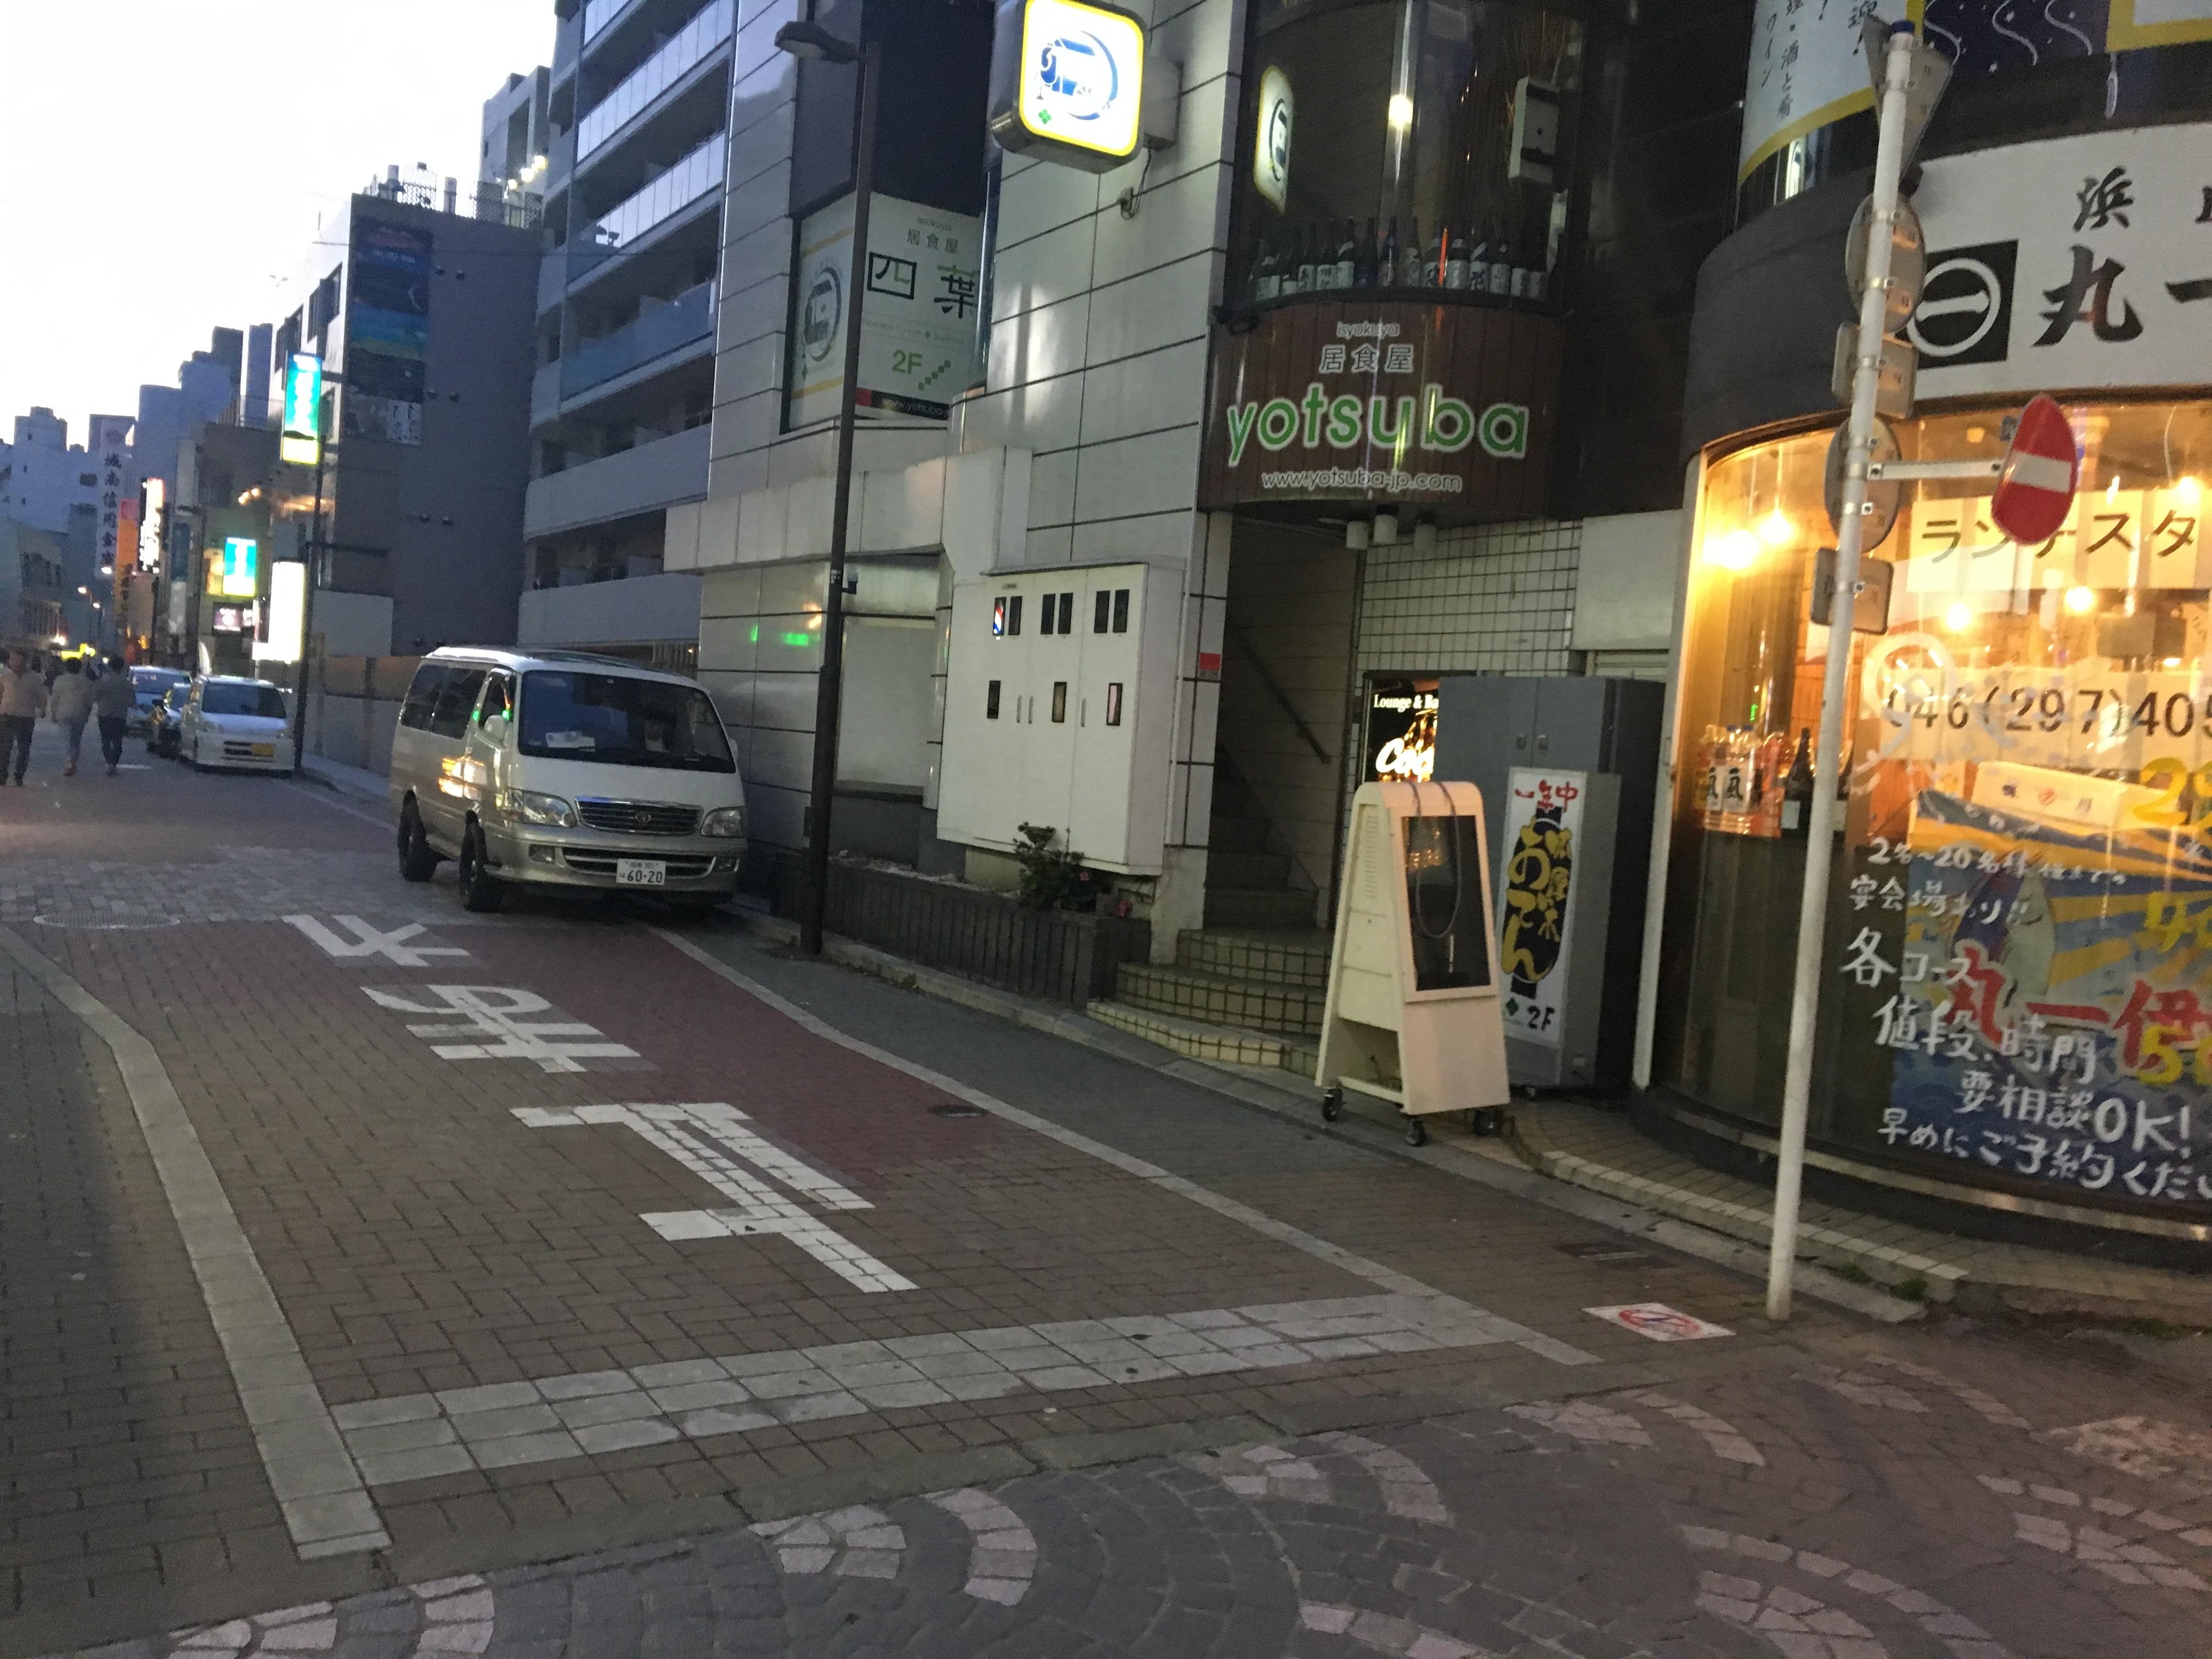 f:id:kaminashiko:20180519143856j:plain